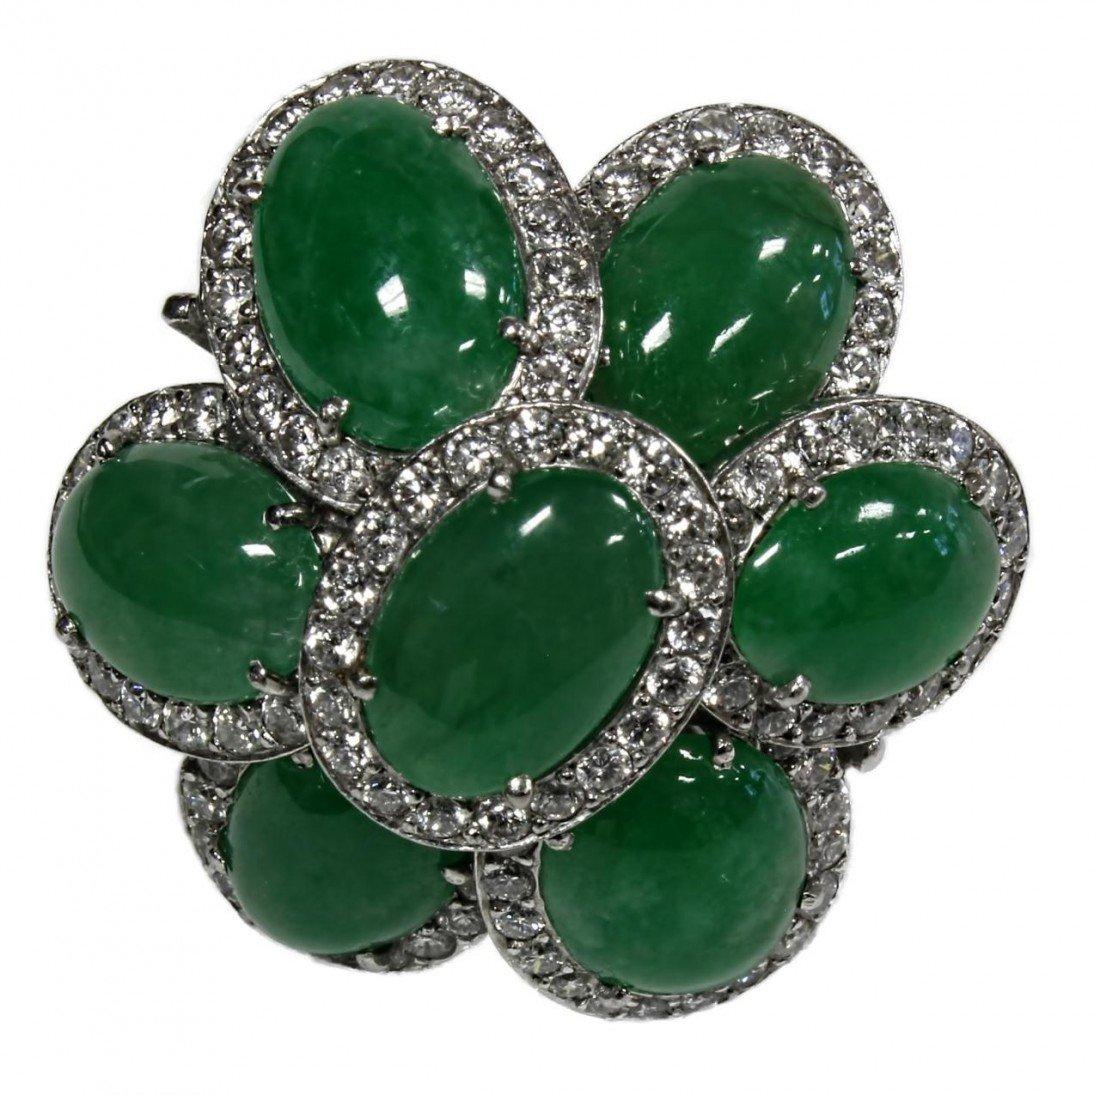 22A: LADIES PLATINUM IMPERIAL GREEN GEM JADEITE RING